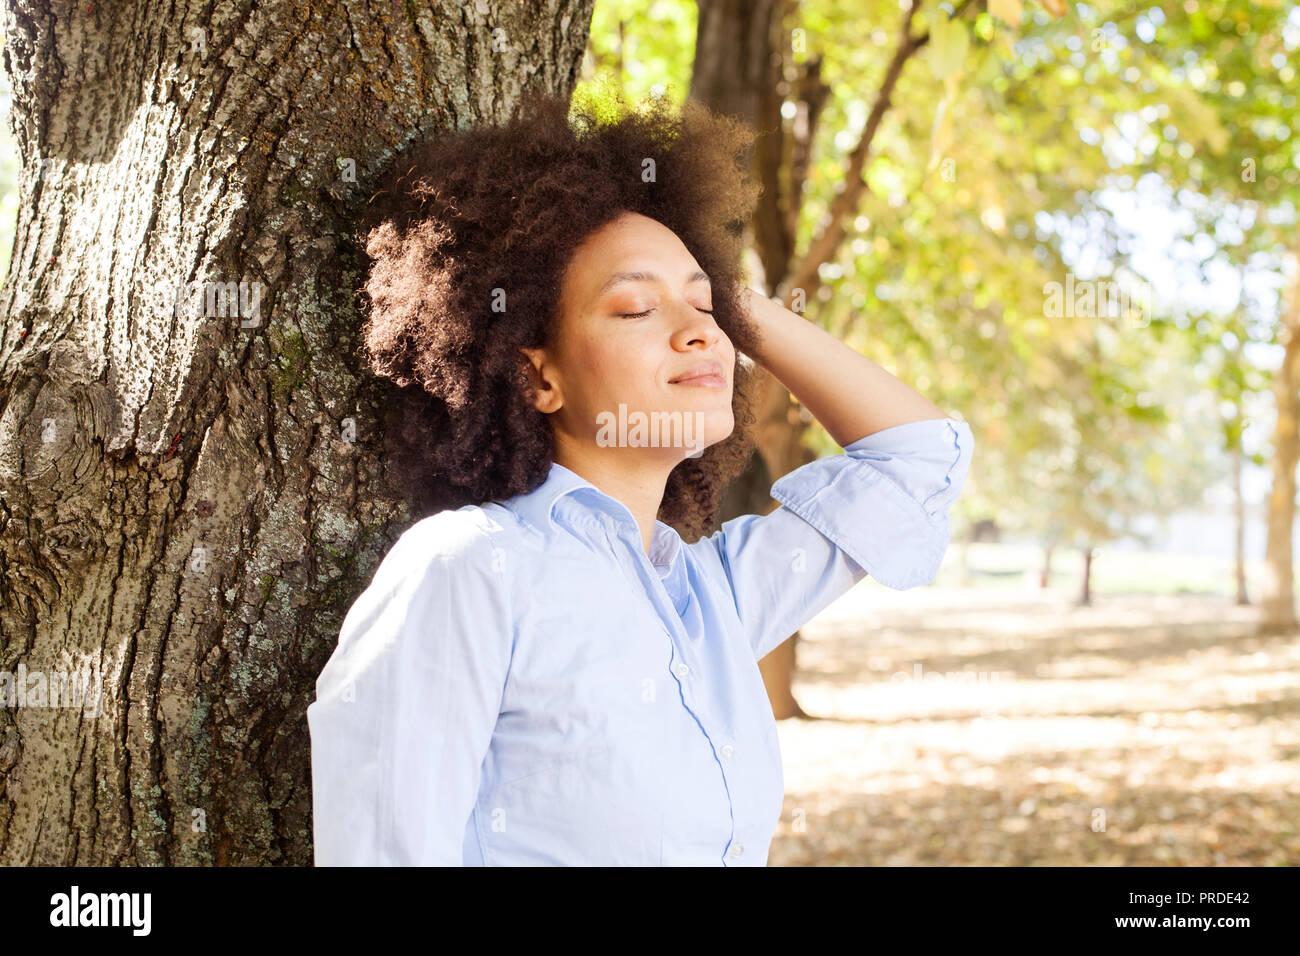 Portrait de plein air of african american woman in nature, femme en bleu shirts profitez de l'été dernier, s'appuyant sur l'arbre en parc, les yeux fermés Banque D'Images